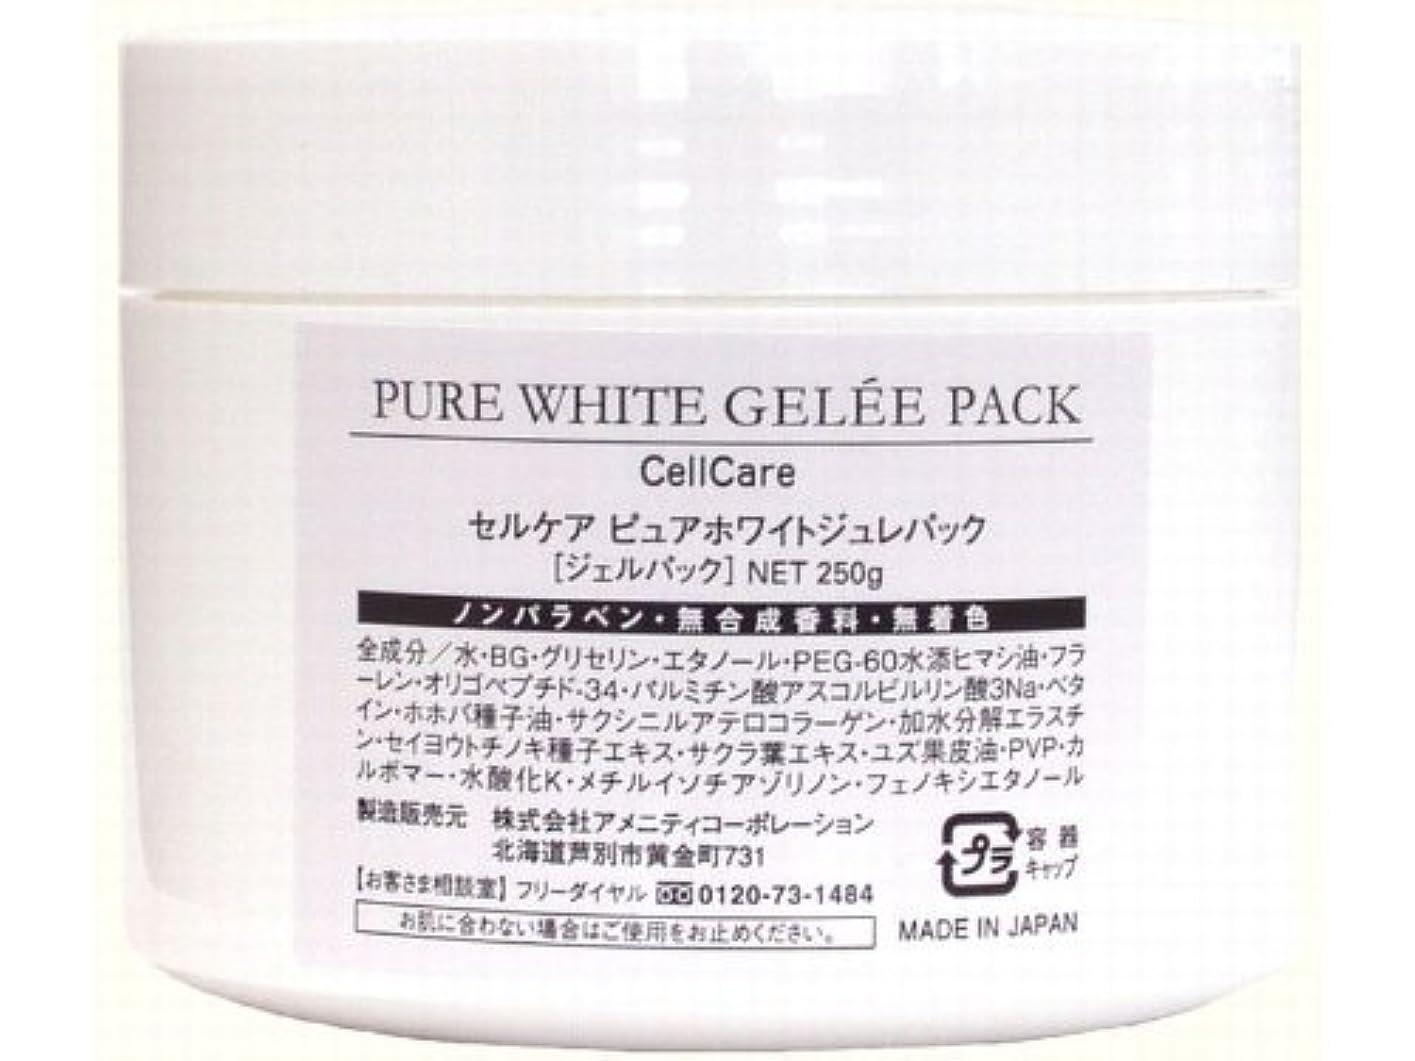 販売計画ヒープバンセルケア ピュアホワイトジュレパック 250g